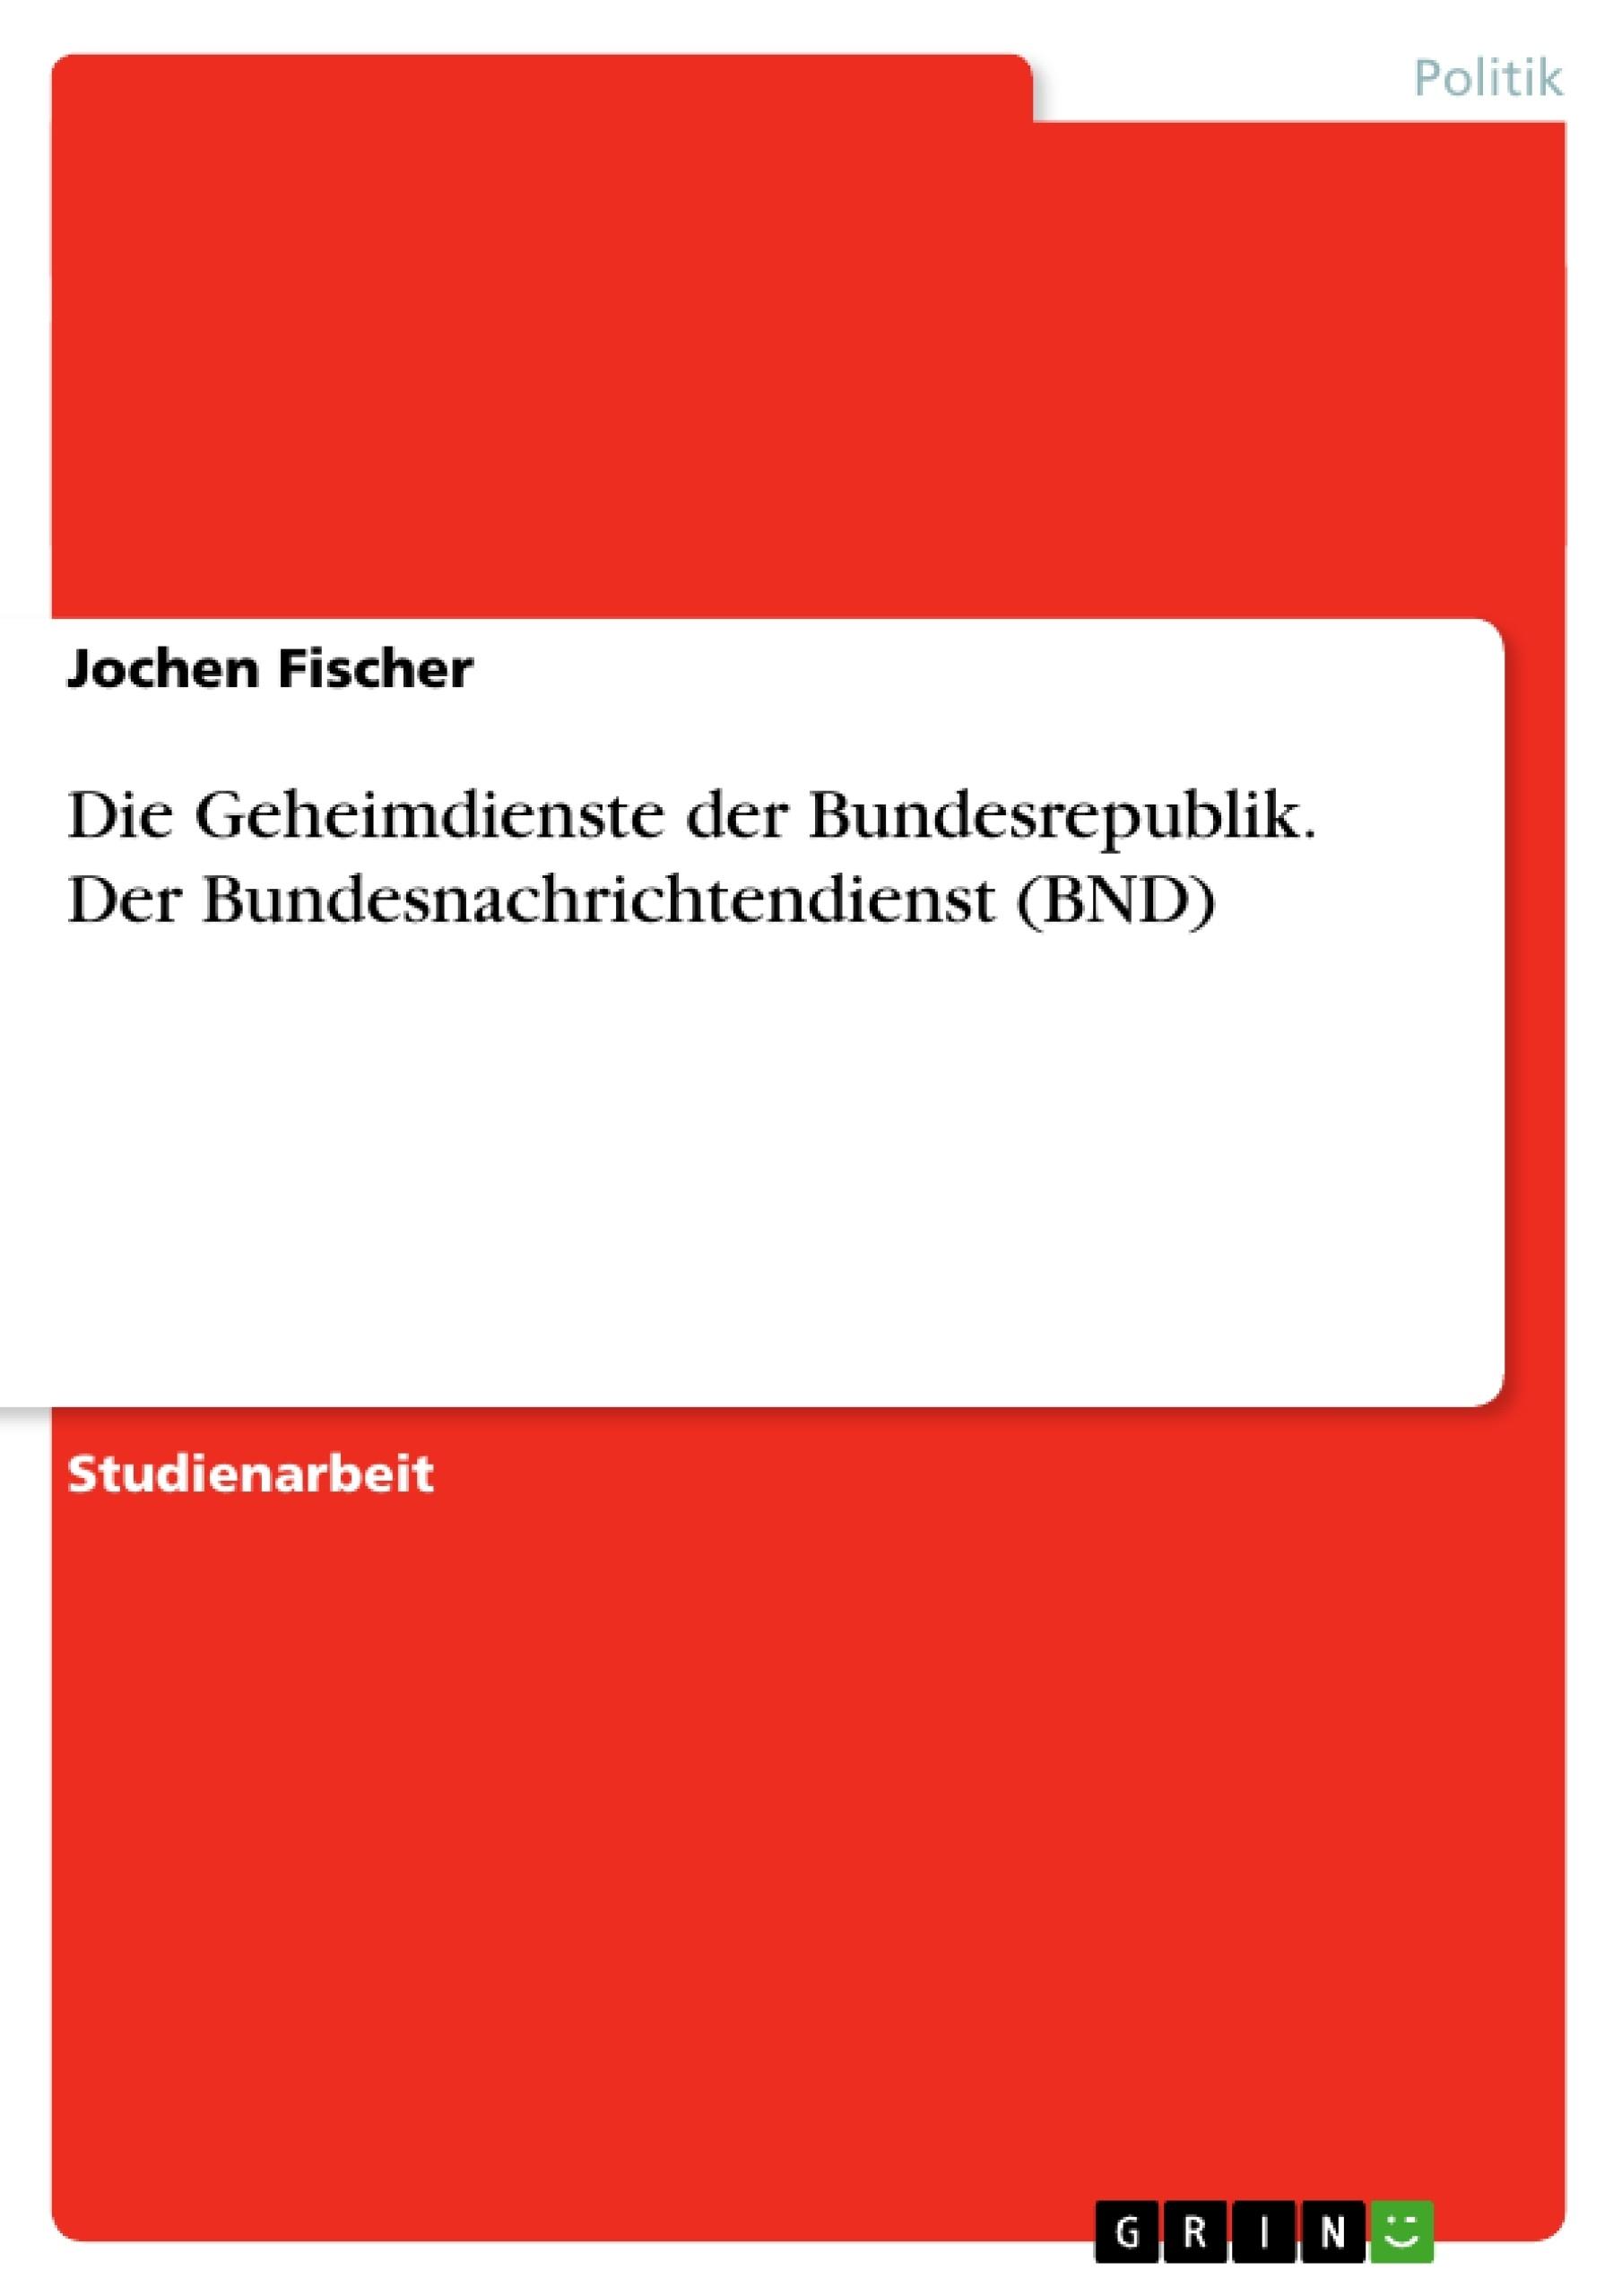 Titel: Die Geheimdienste der Bundesrepublik. Der Bundesnachrichtendienst (BND)